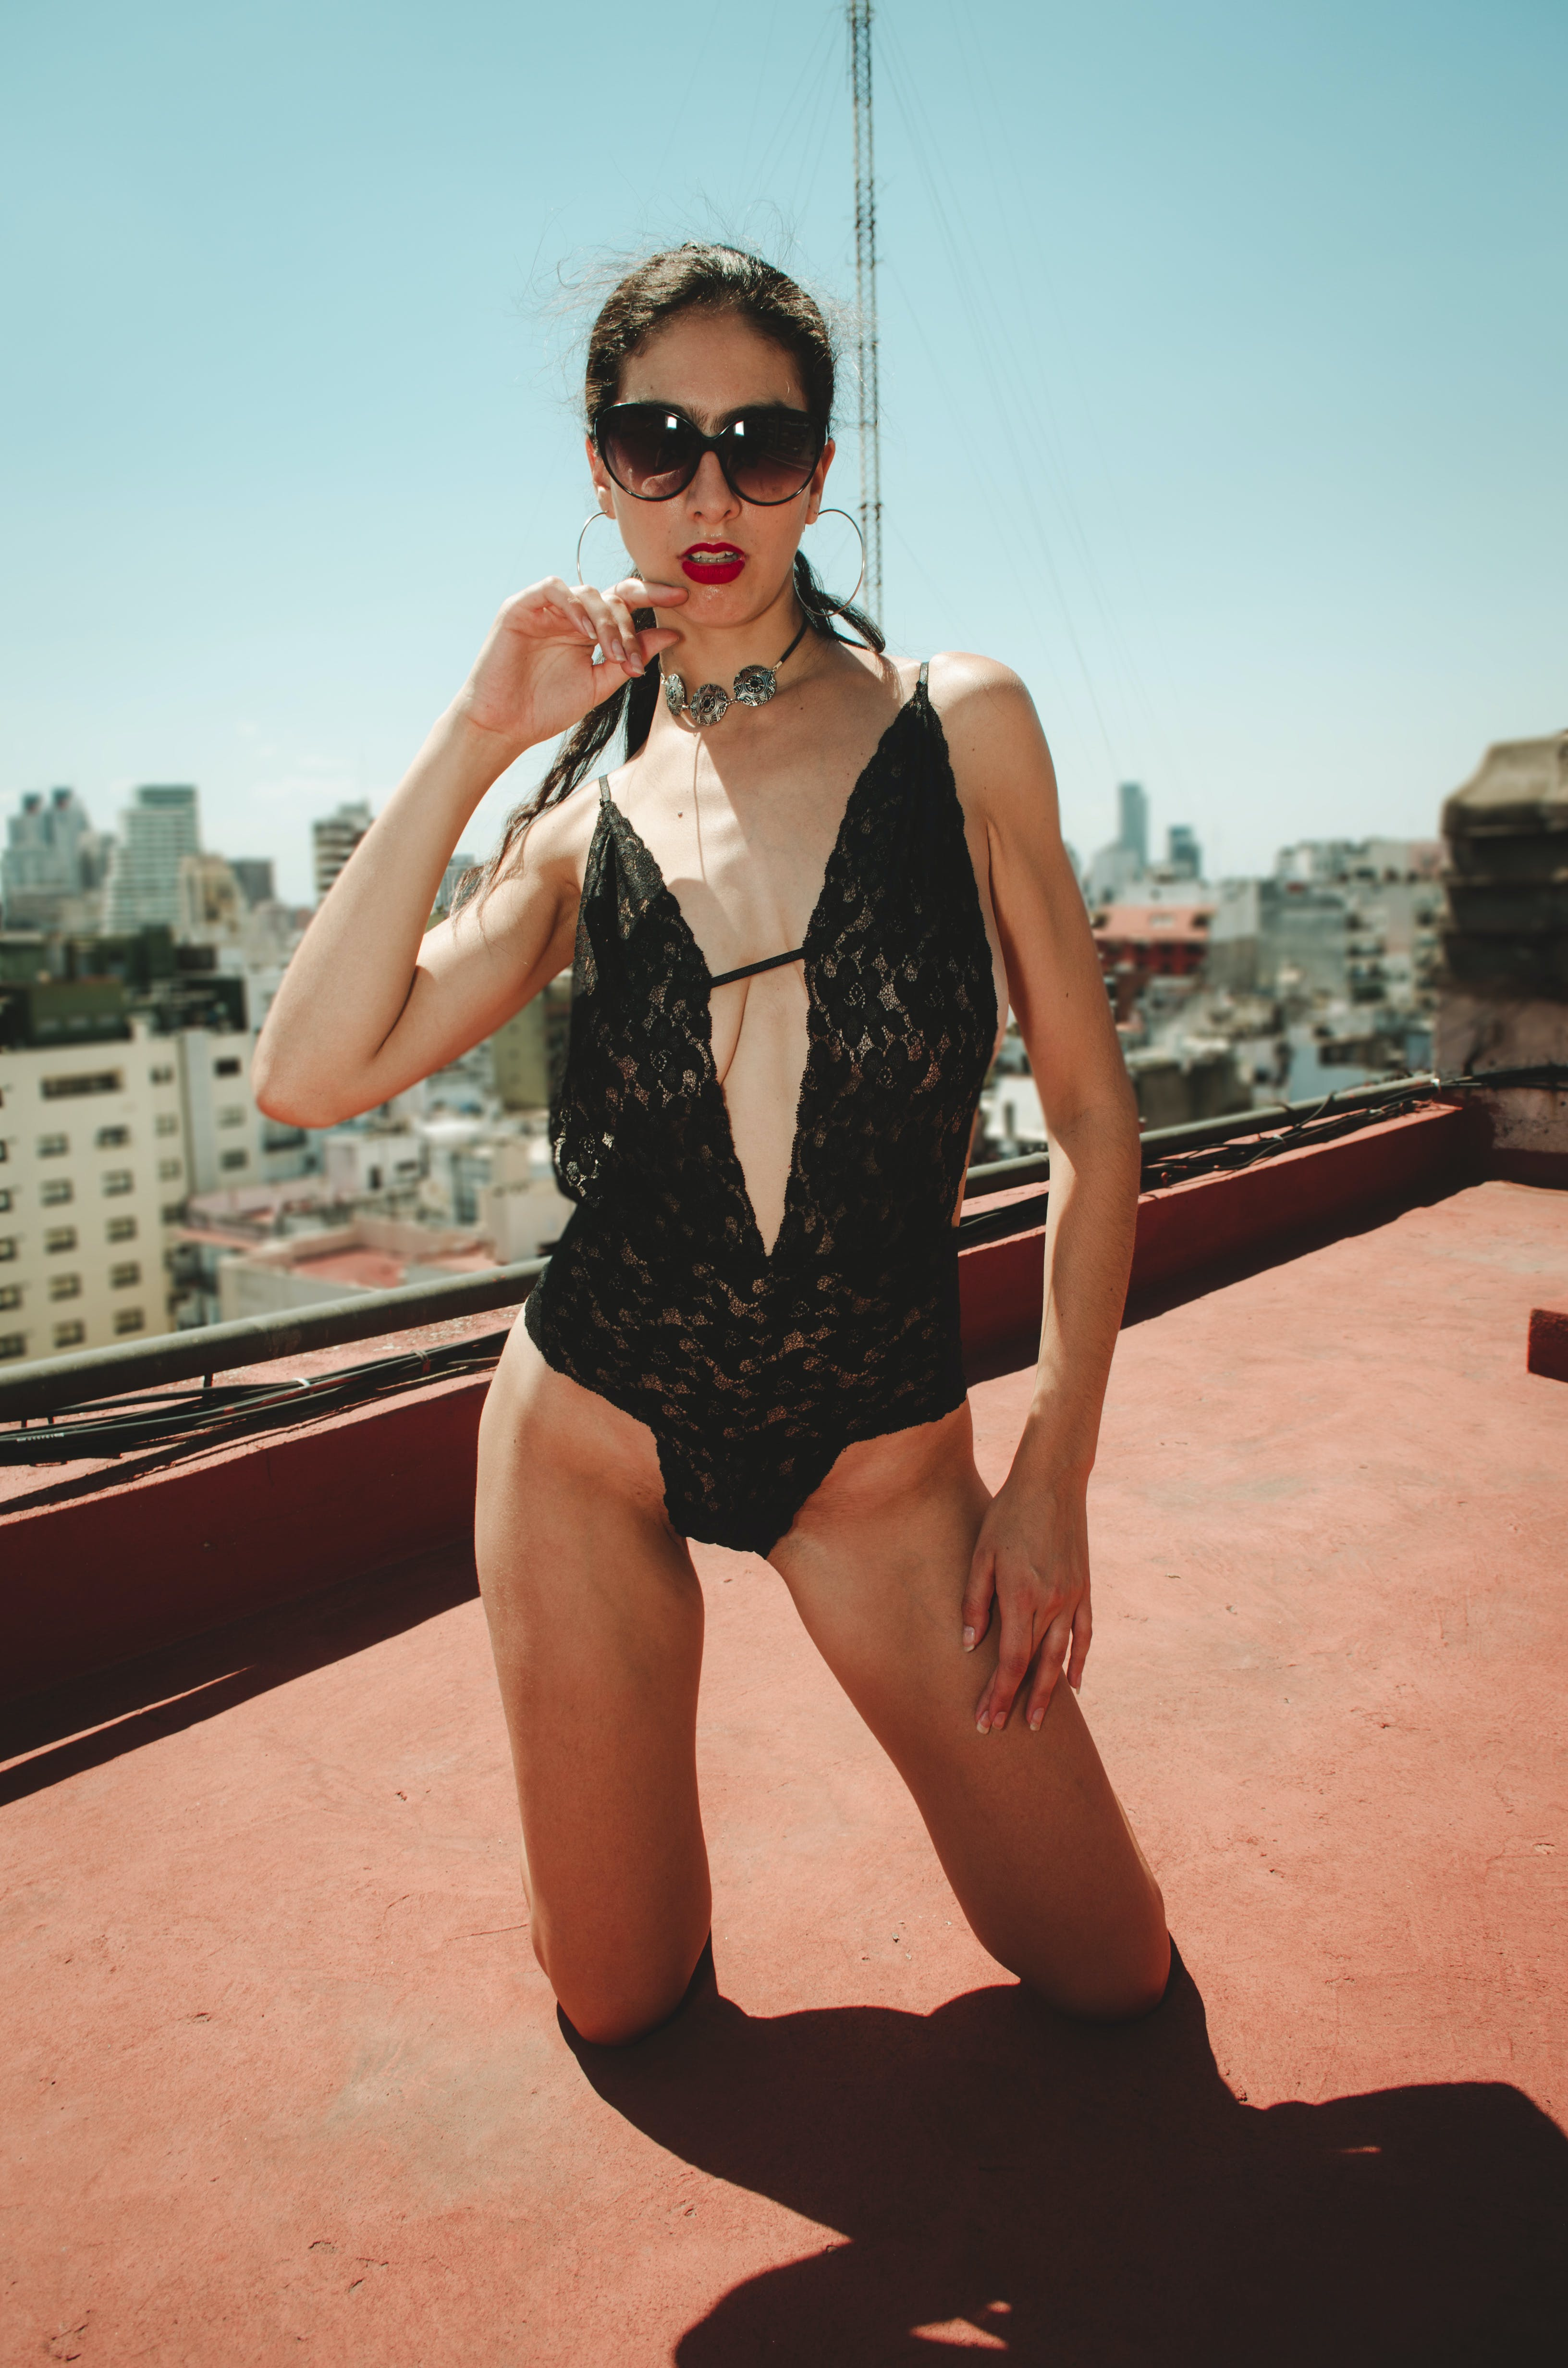 Kneeling Woman Wearing Black Spaghetti-strap One Piece Swimsuit